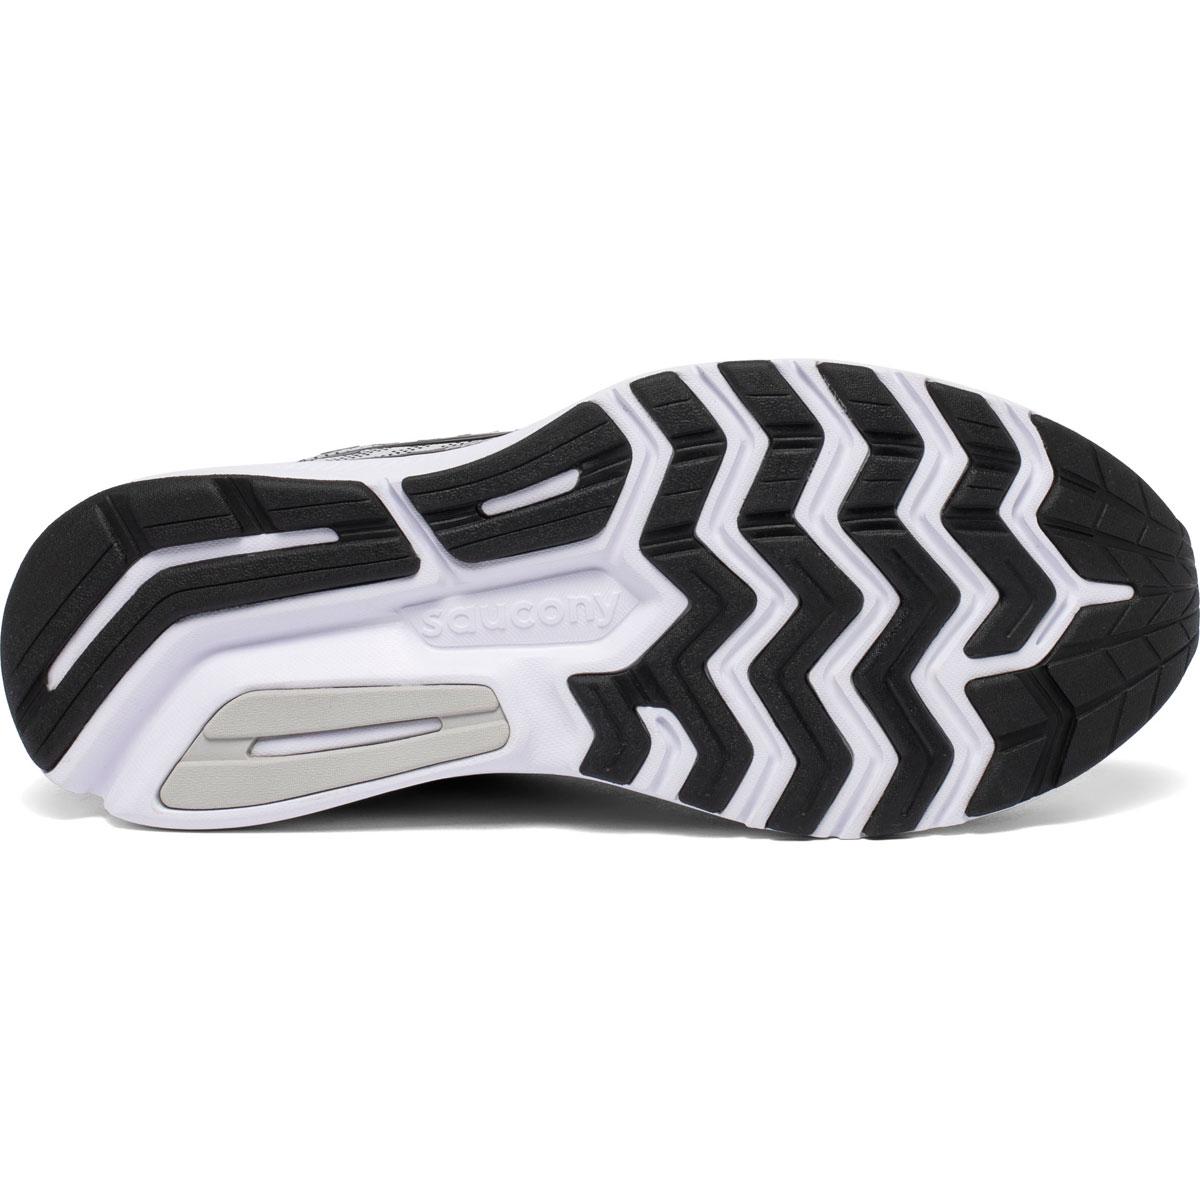 Men's Saucony Ride 13 Running Shoe - Color: Alloy/Black - Size: 7 - Width: Regular, Alloy/Black, large, image 4